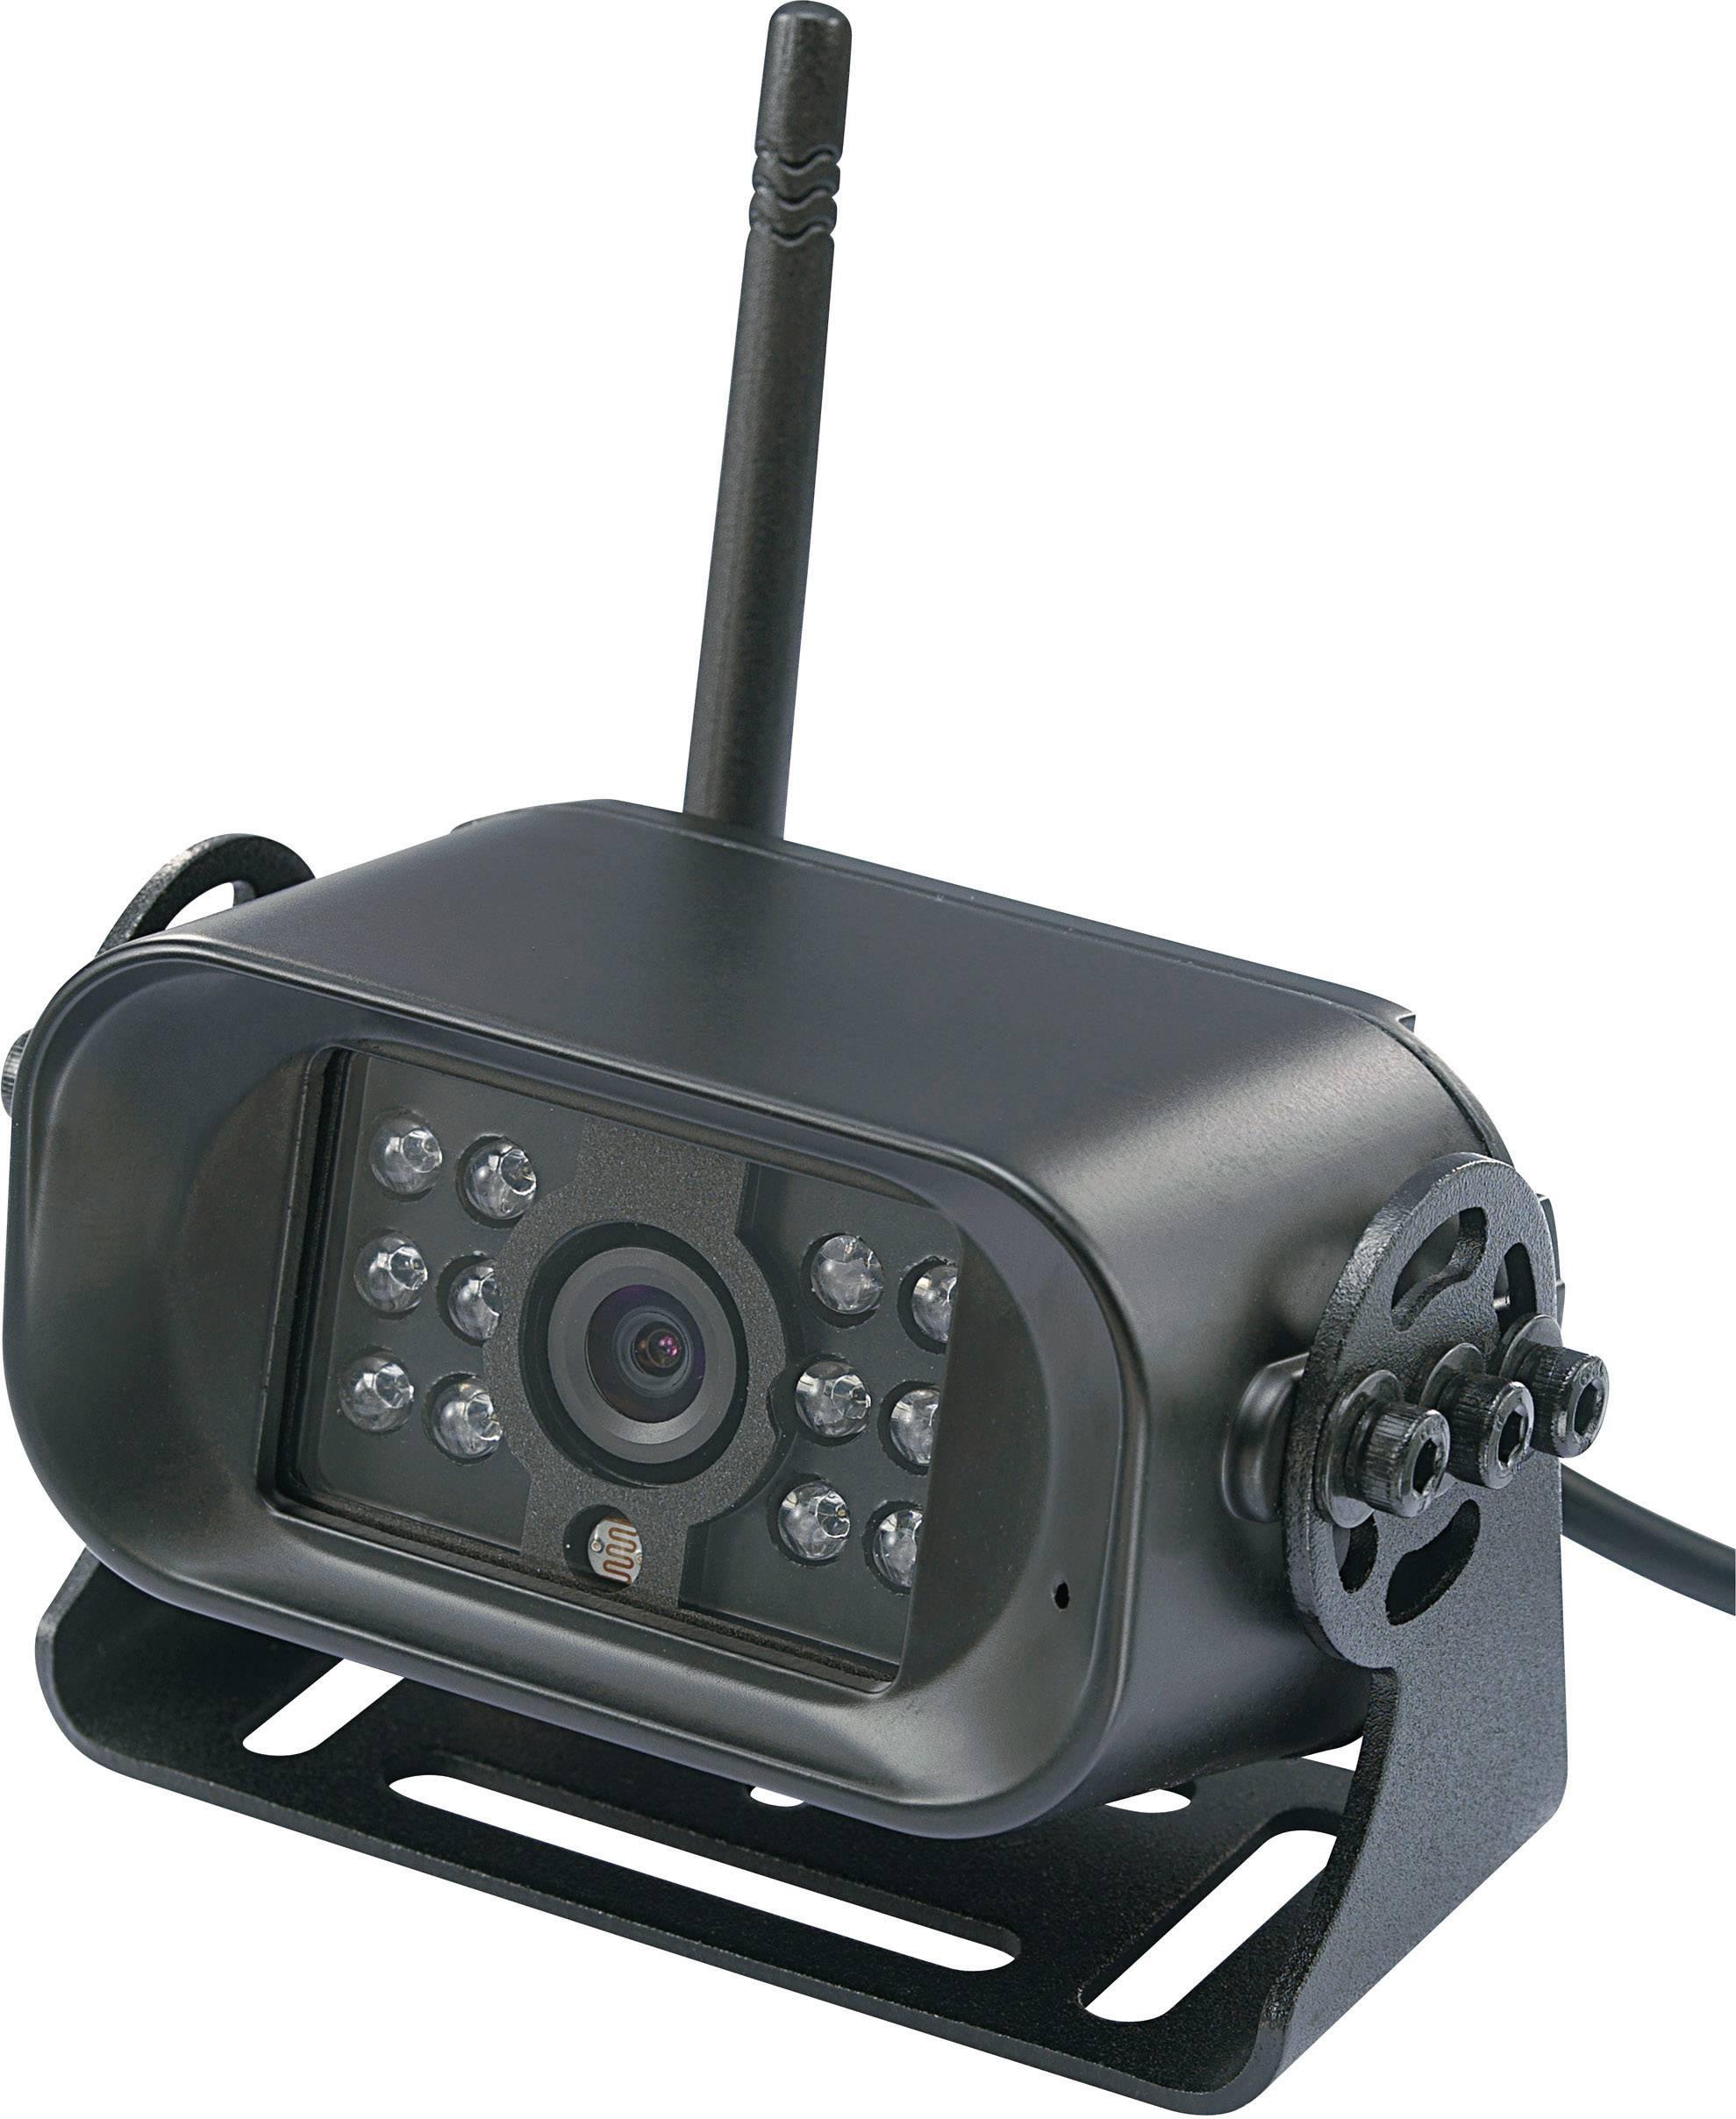 Bezdrôtová cúvacia kamera zabudovaná do ŠPZ podložky FFKK4 (Kanal 4)